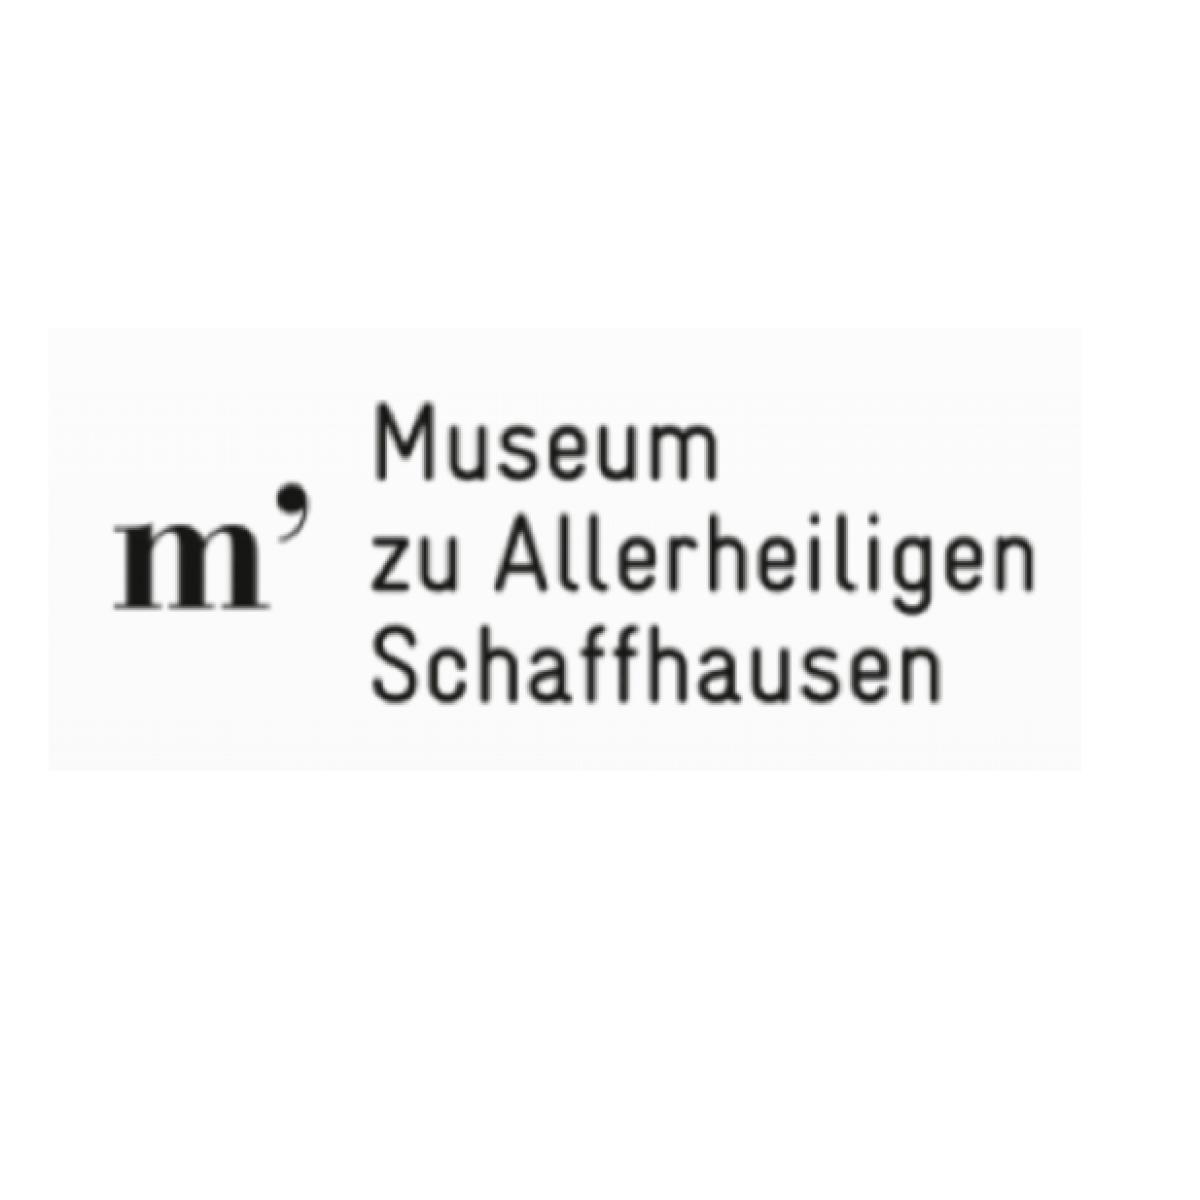 Museum zu Allerheiligen Schaffhausen